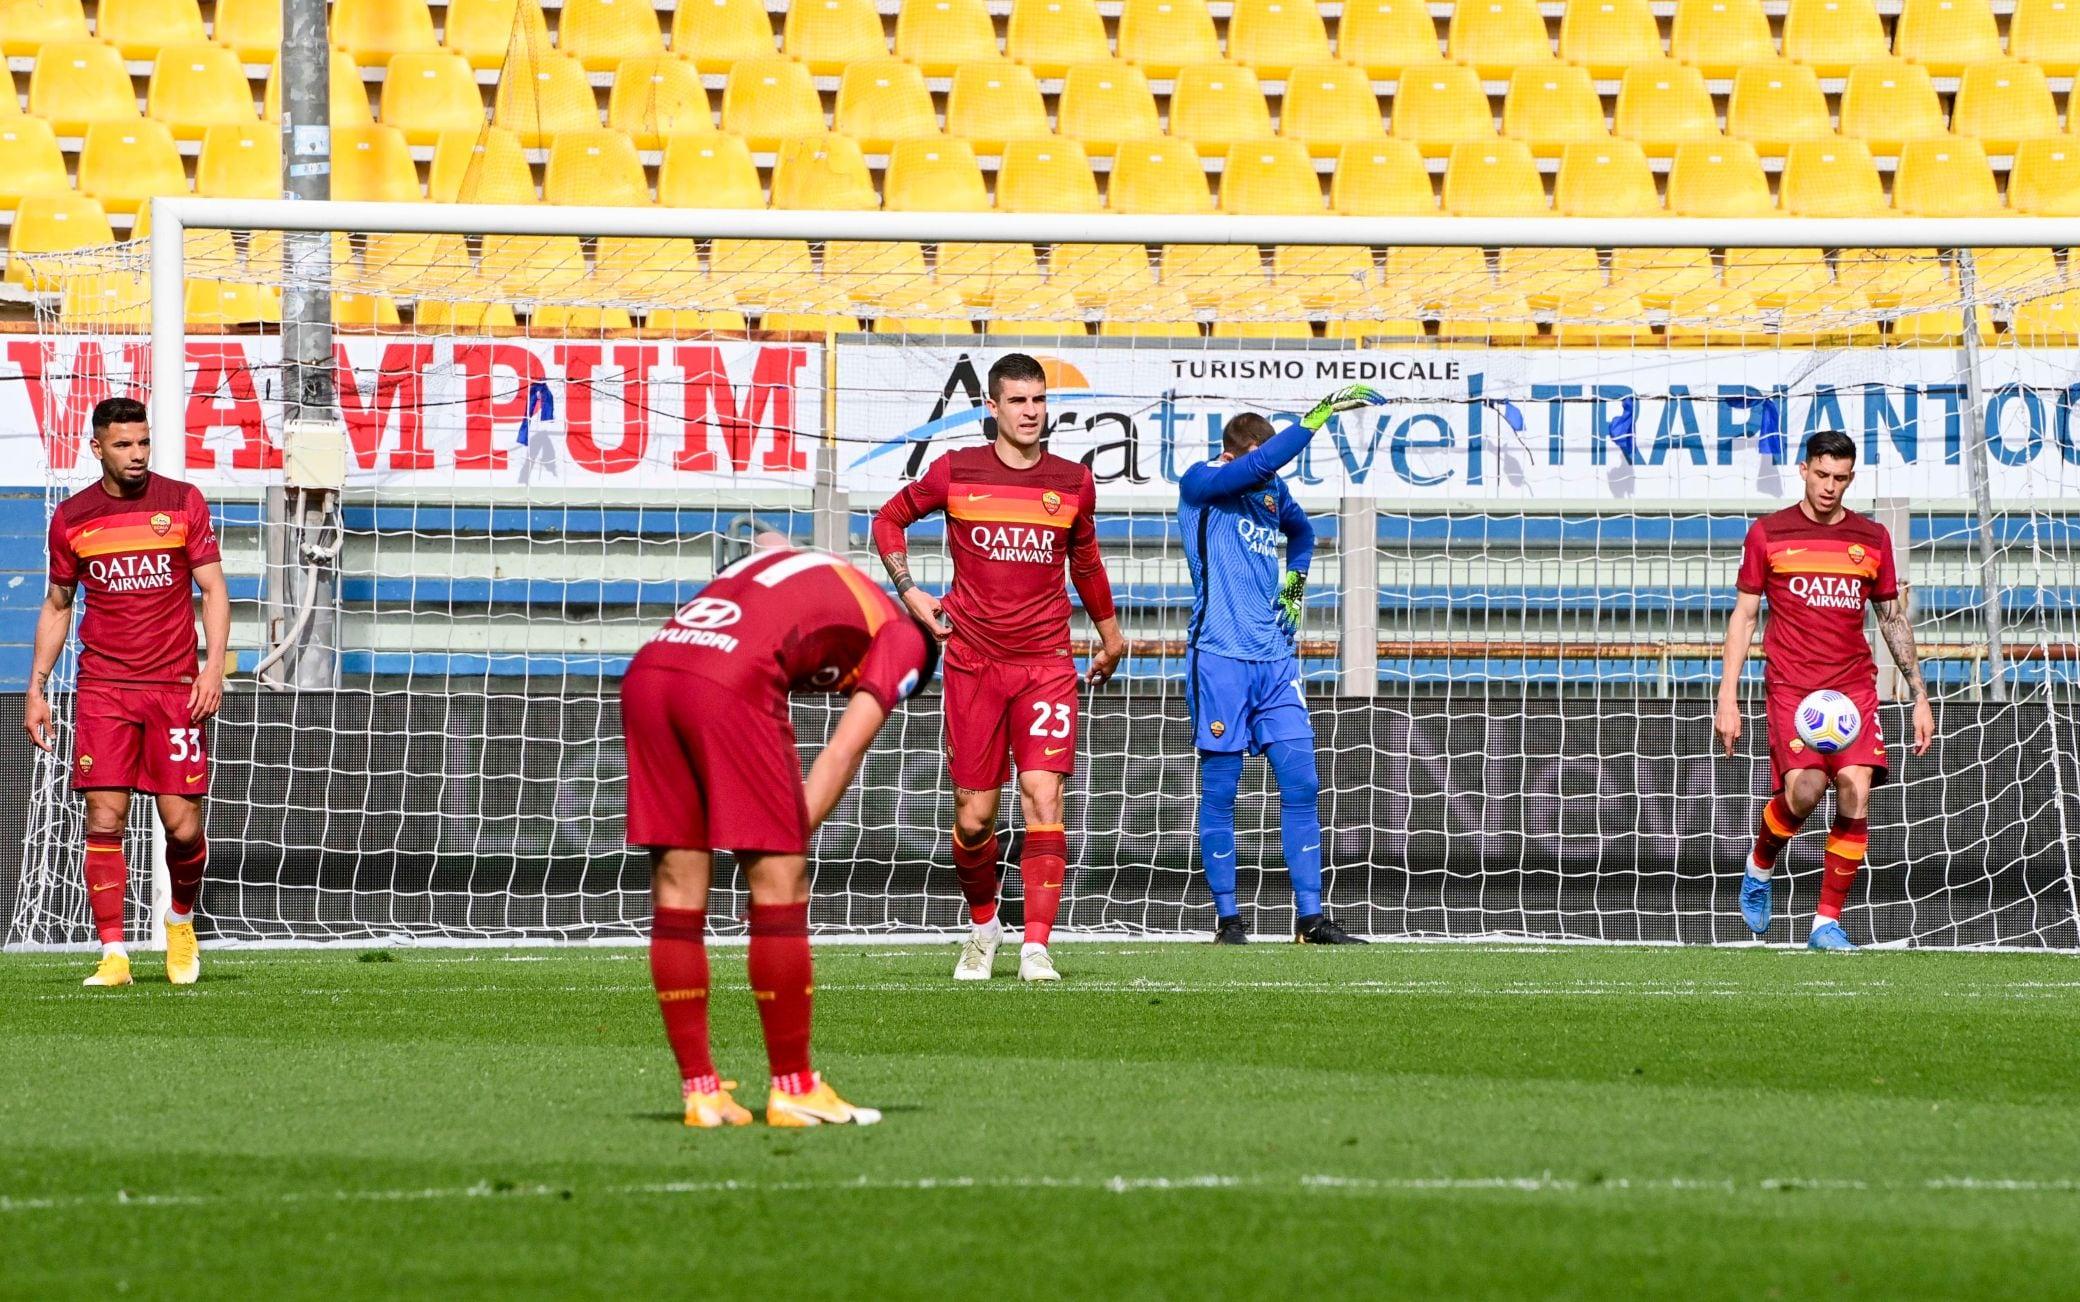 Parma Roma 2-0: gol e highlights della partita di Serie A | Sky Sport